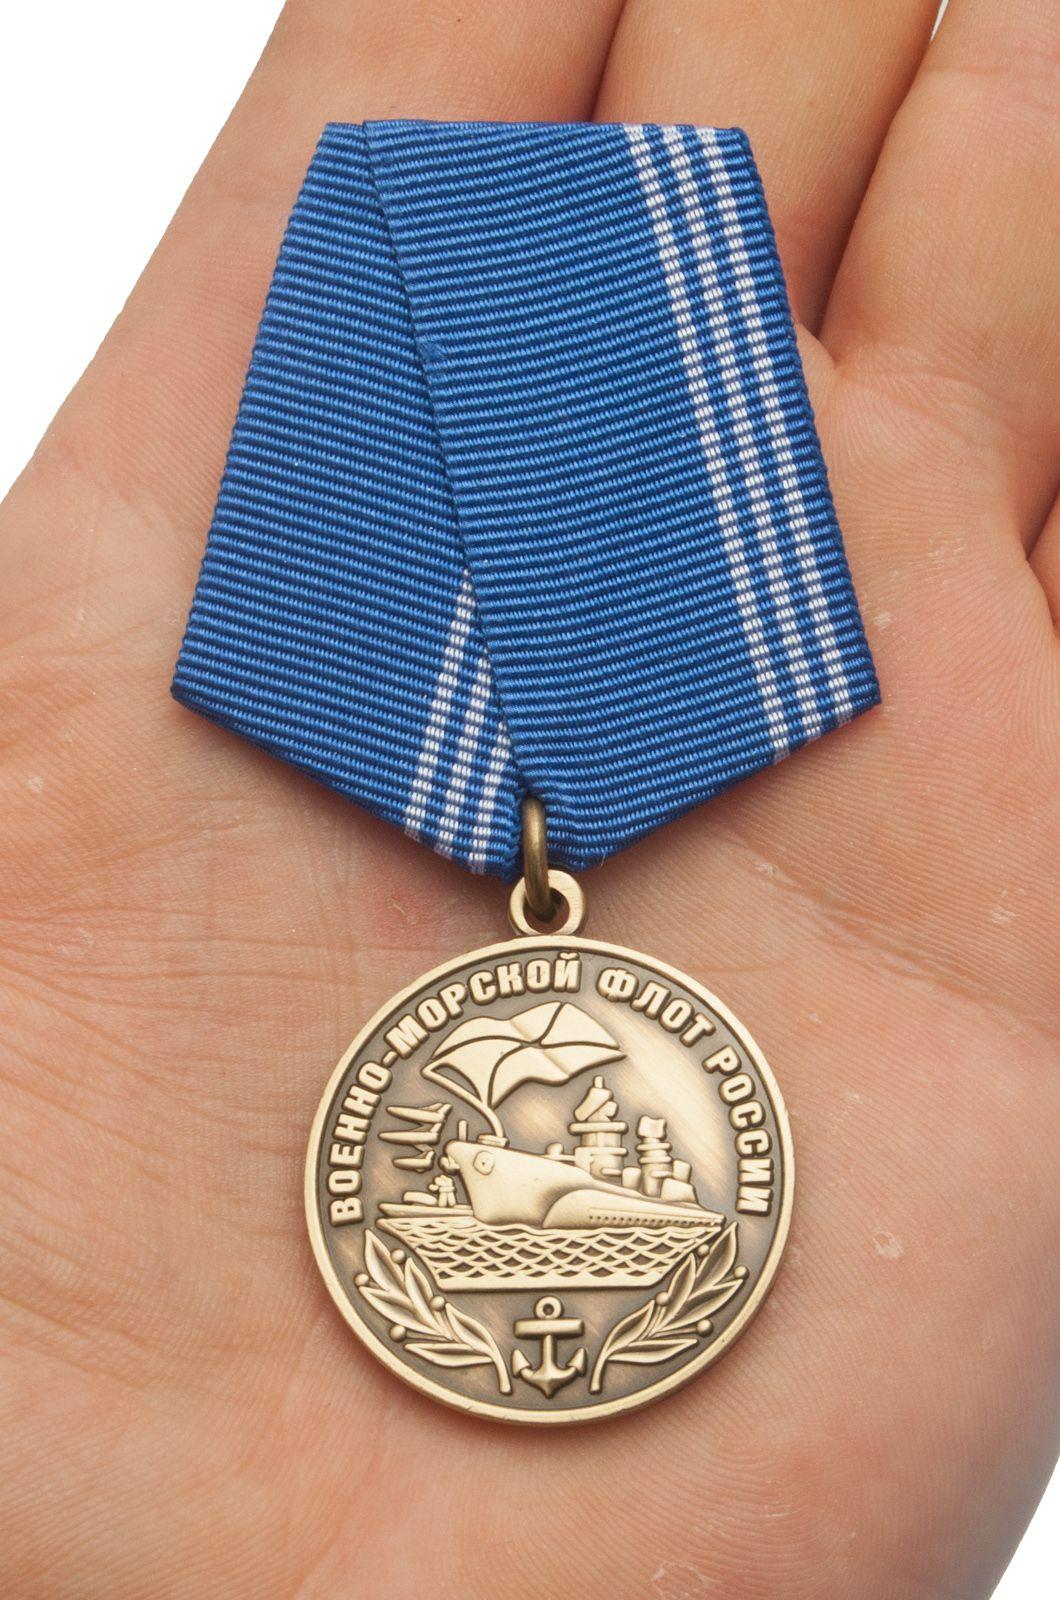 Медаль Военно-морской флот России в футляре с удостоверением - вид на ладони